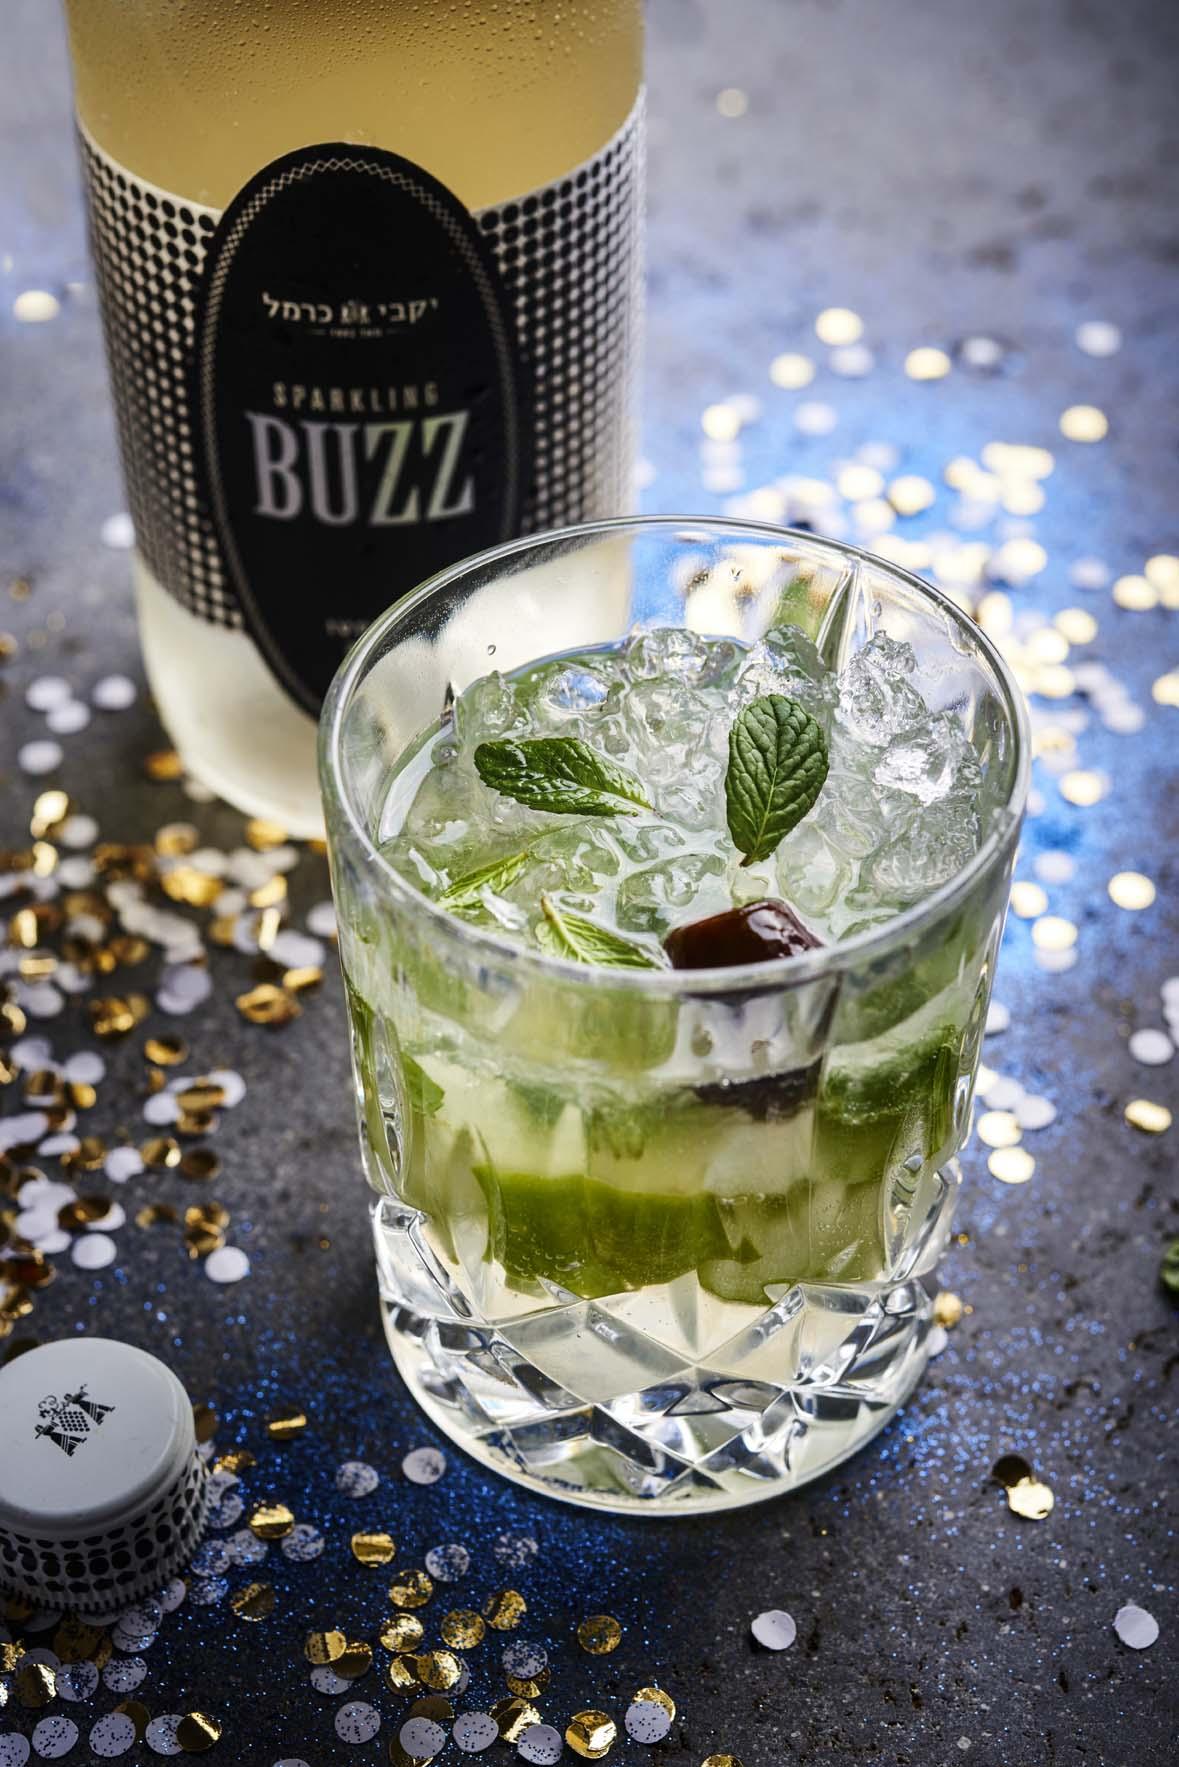 Новогодние коктейли Sparkling Buzz